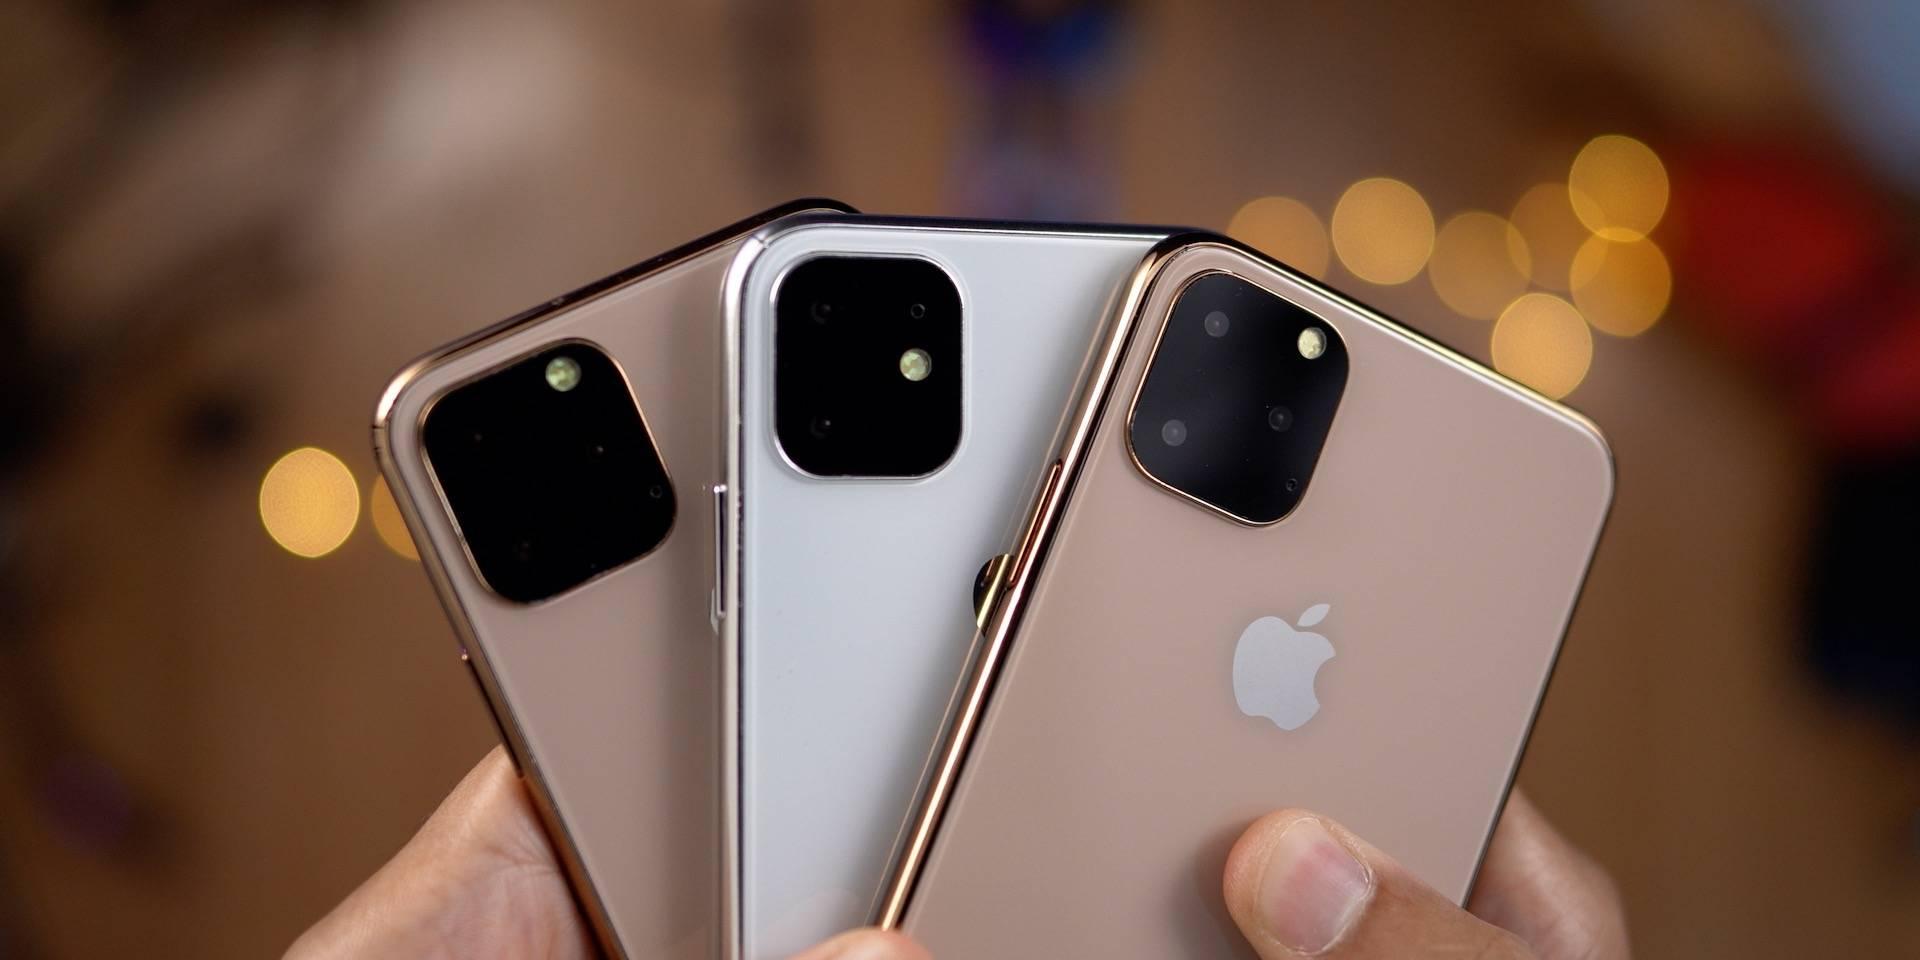 Apple contesta ante controversia sobre que el iPhone once Pro estaría rastreando la ubicación de los usuarios